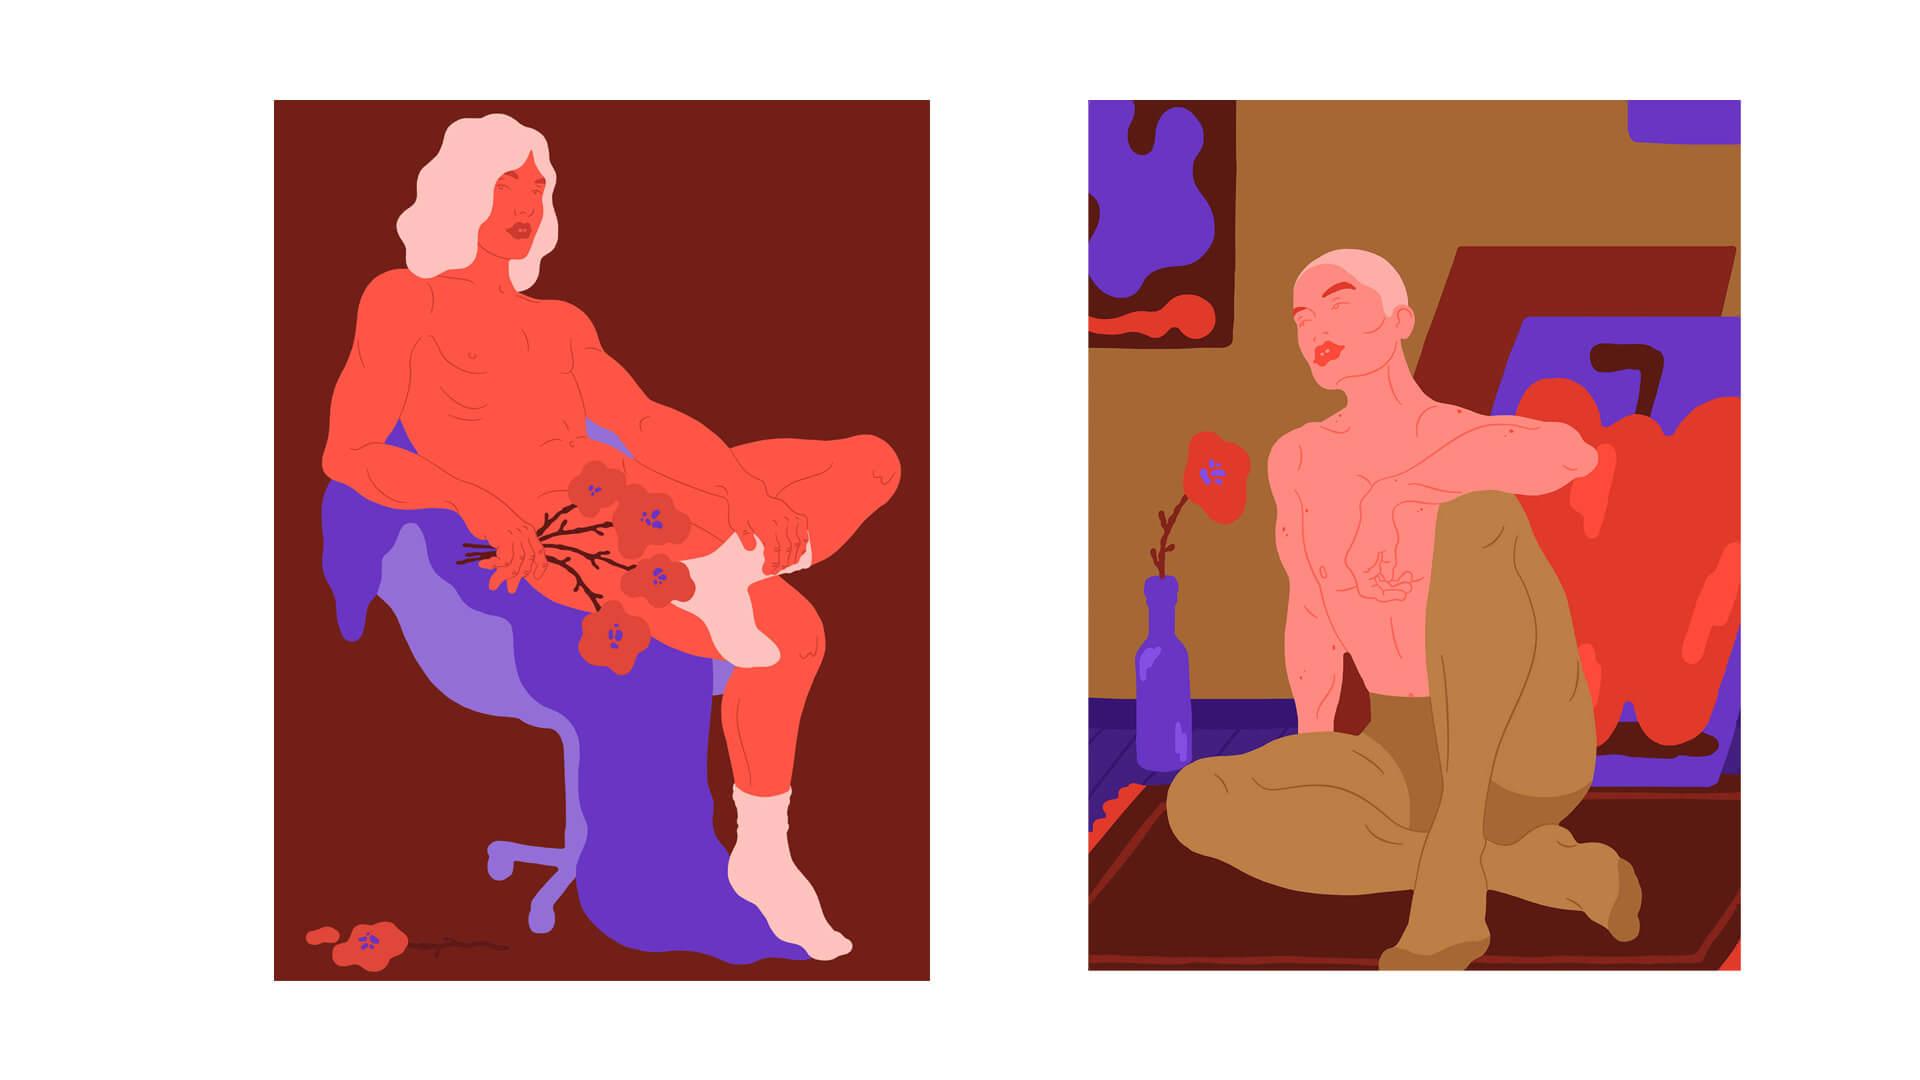 Artwork by Sara Andreasson